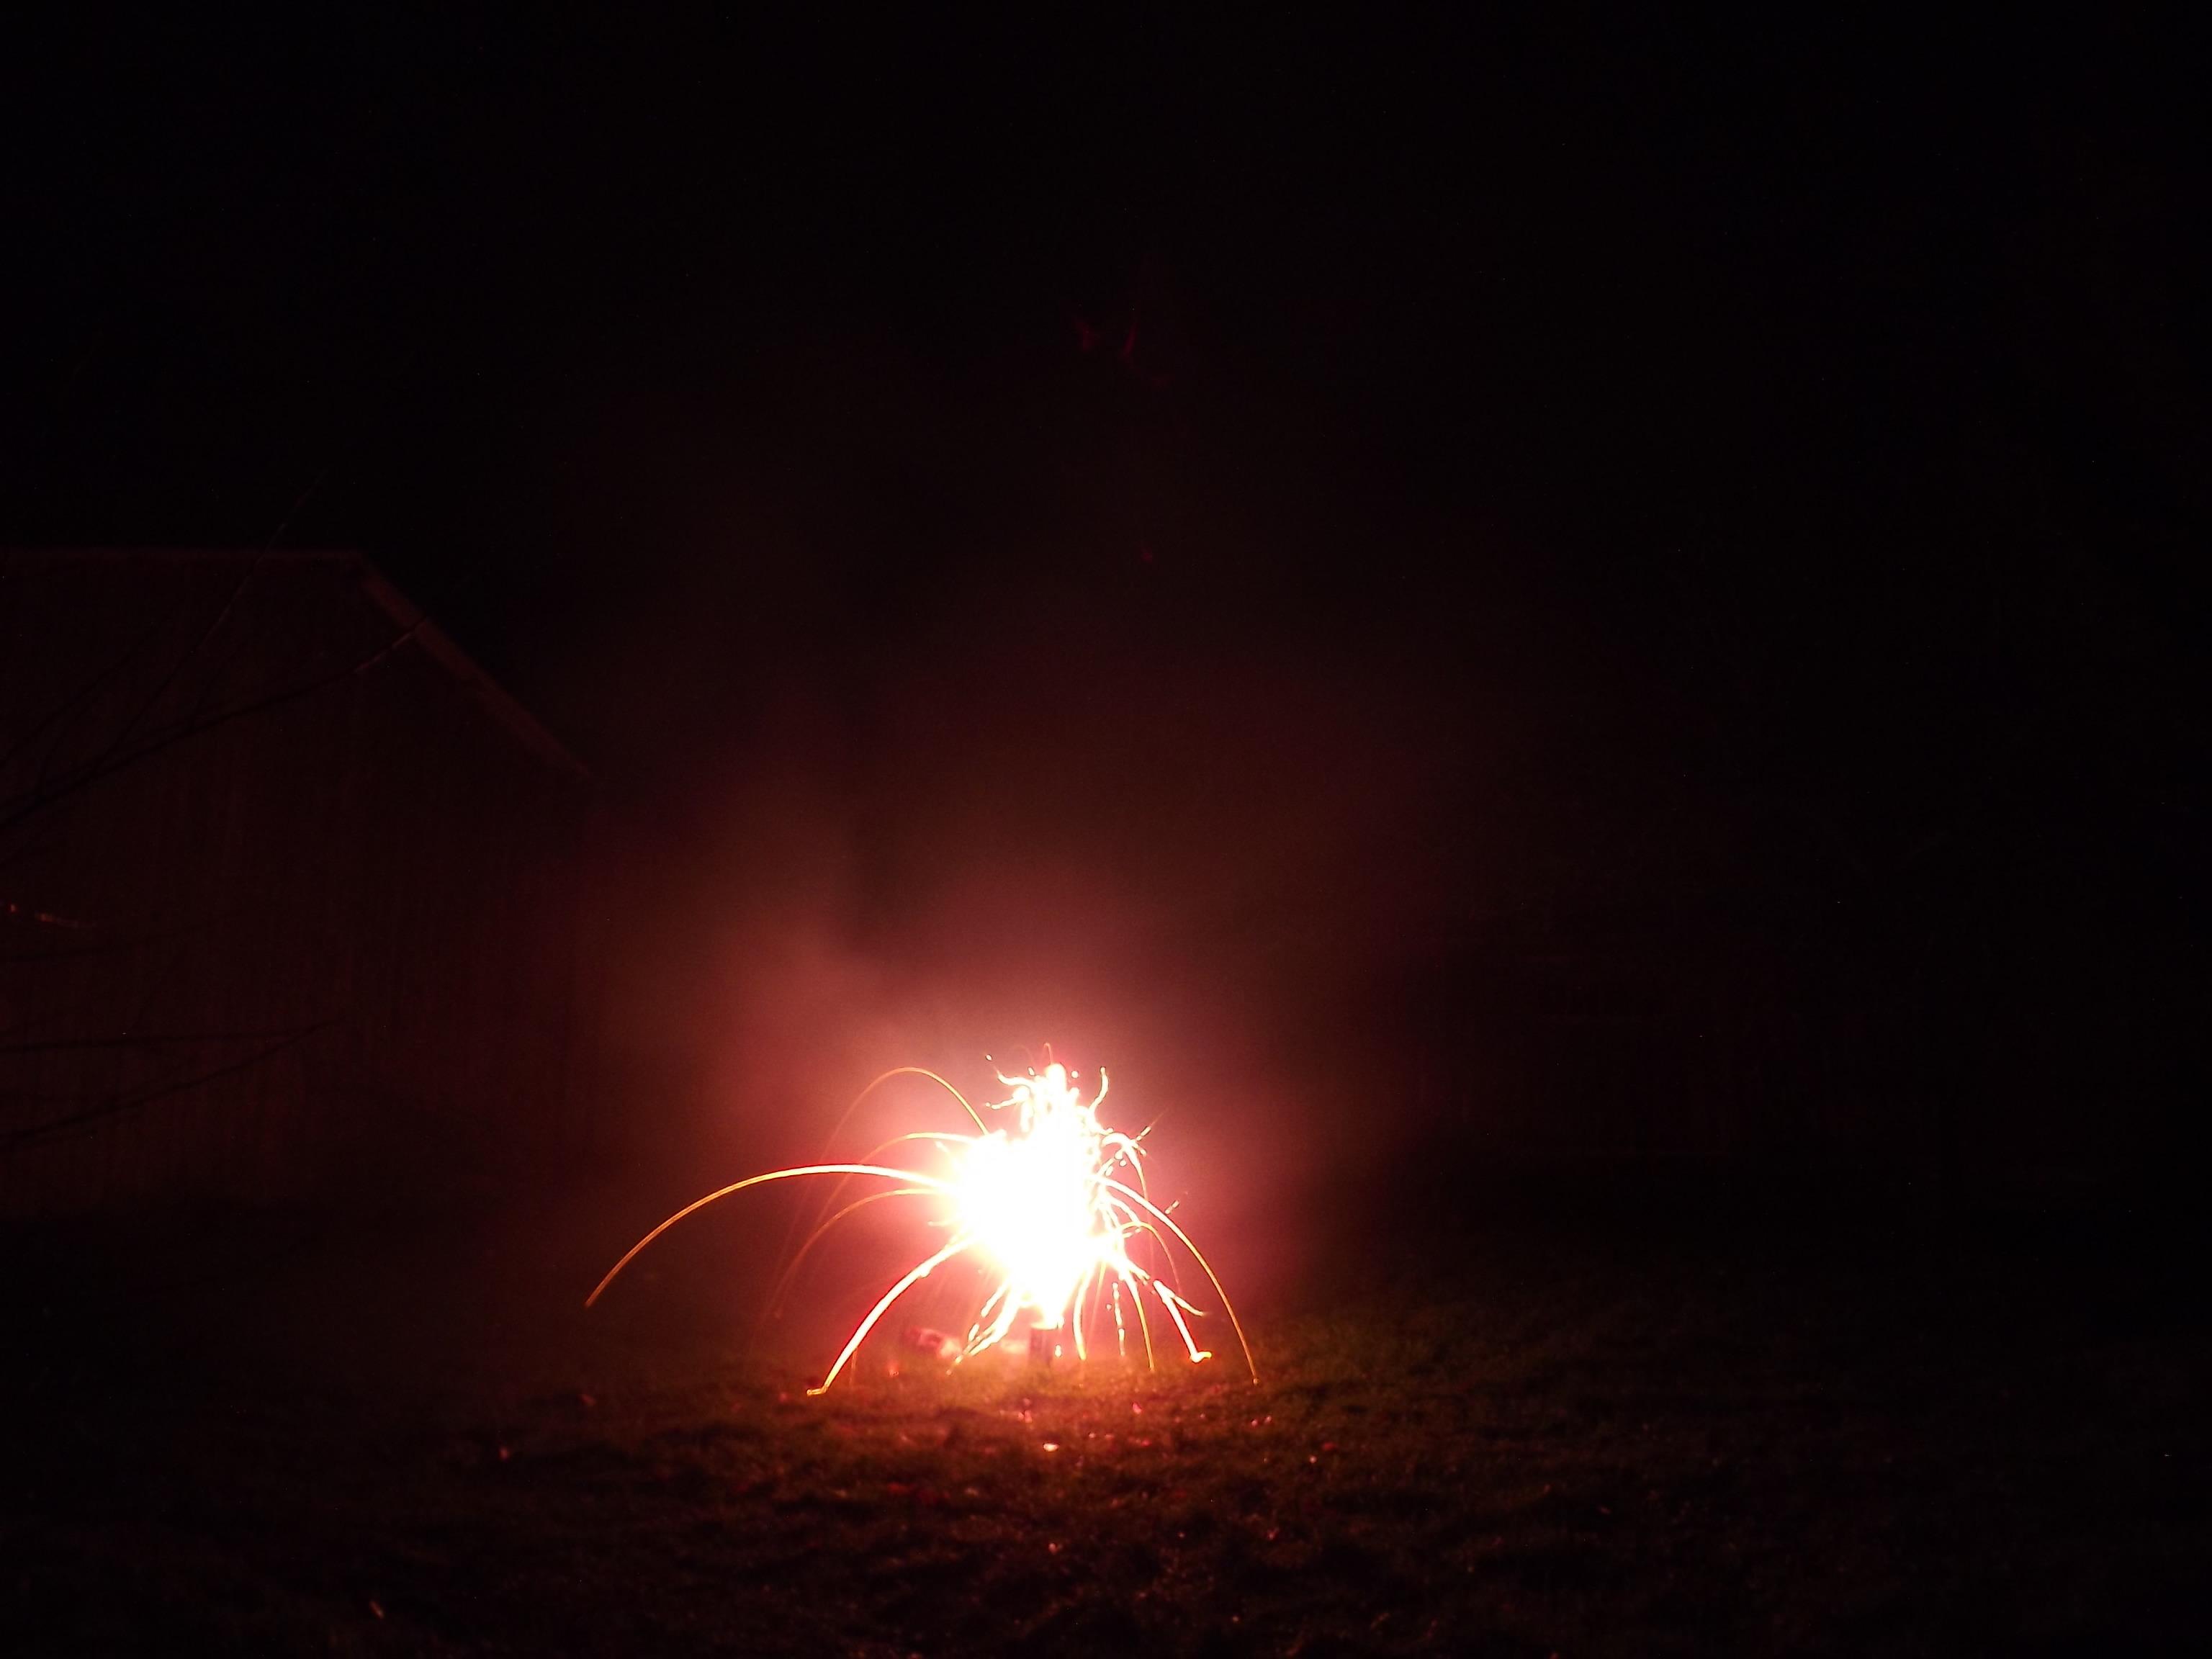 6756-feuerwerk-silvester-neujahr-rot-feuer